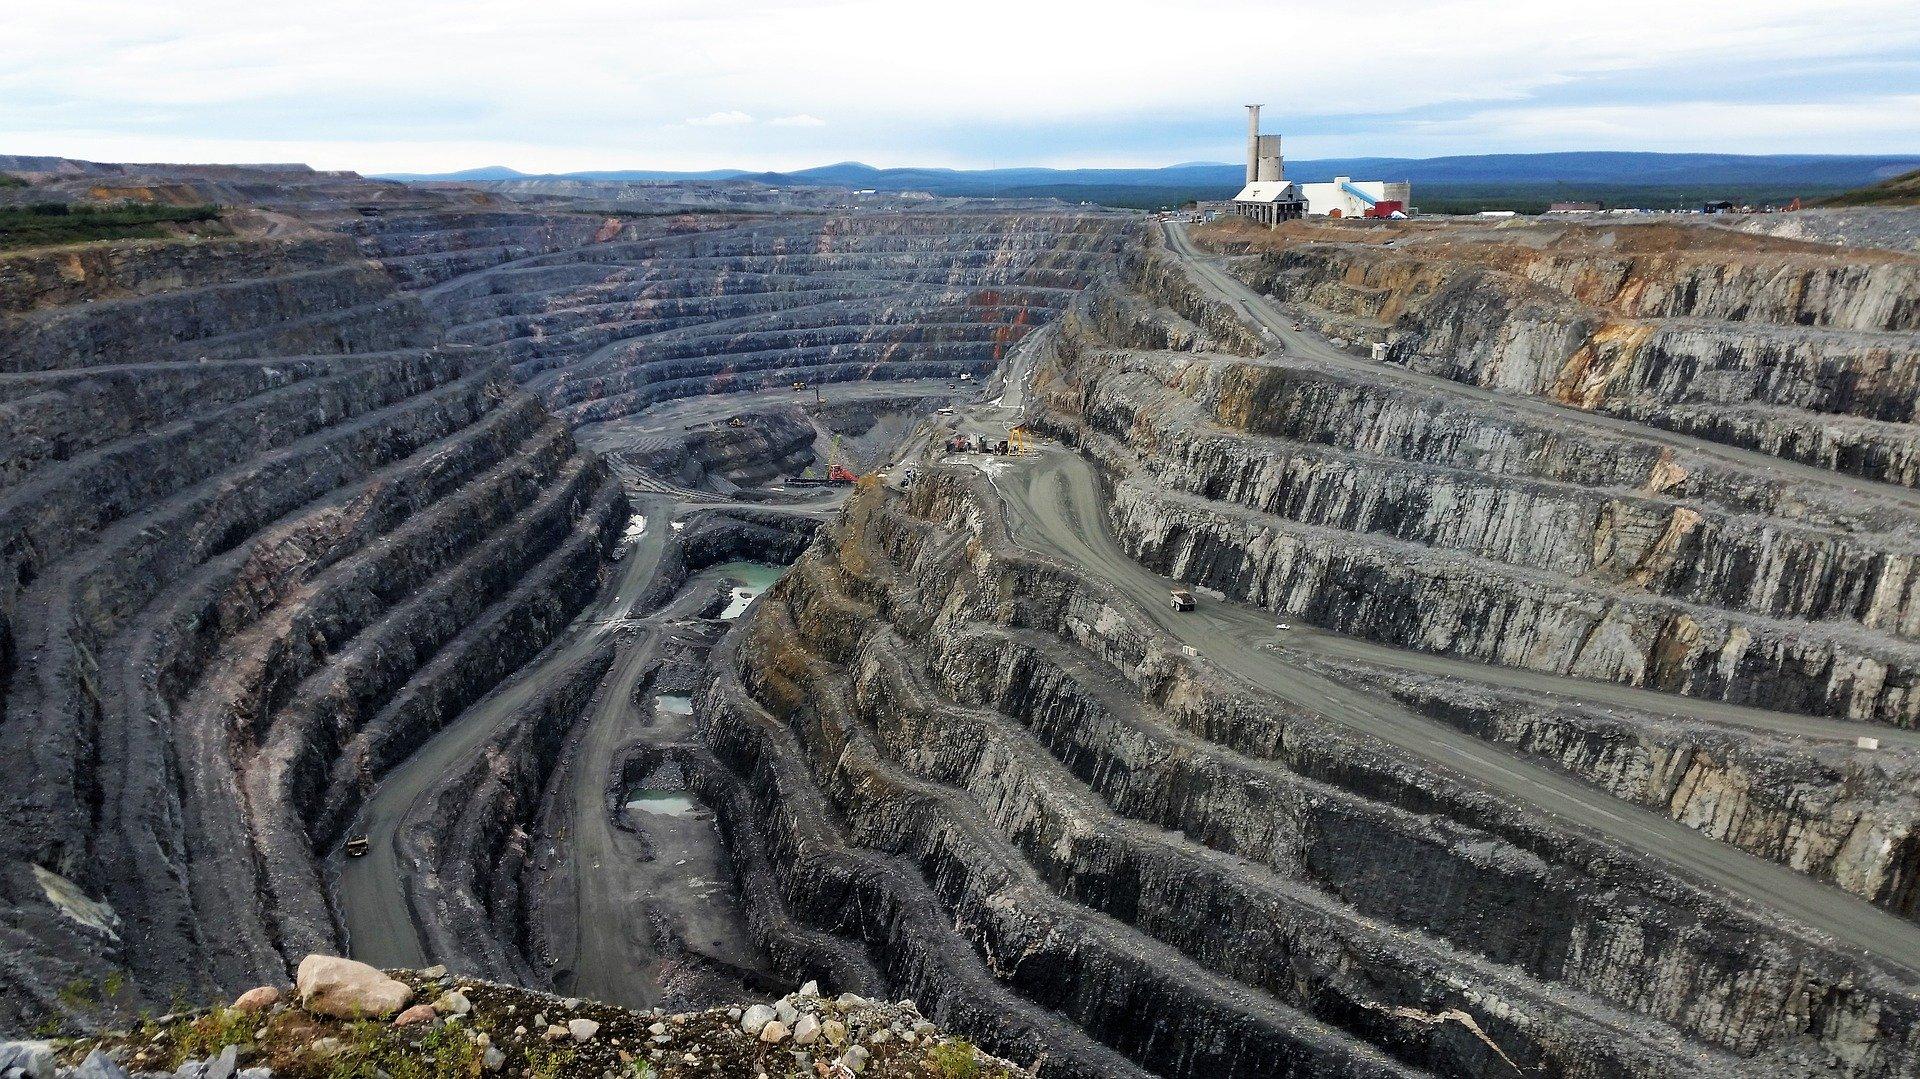 KAZ Minerals сообщила о завершении сделки по приобретению месторождения на Чукотке, KAZ Minerals, Сделка, Месторождение, Чукотка